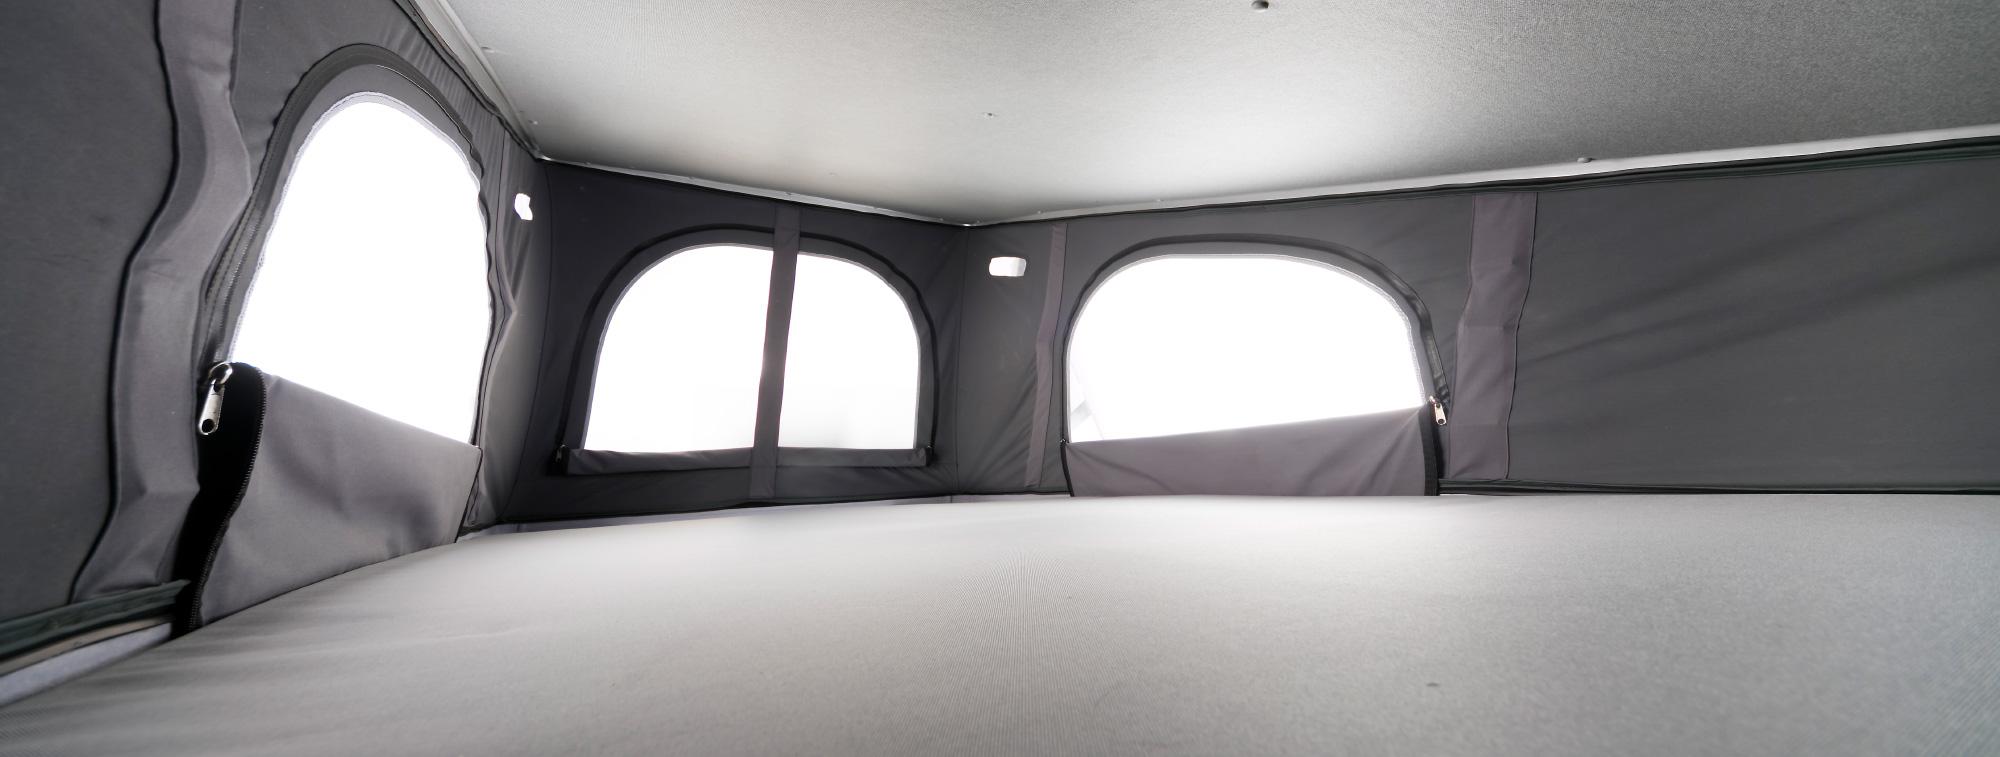 大きな窓が付いたルーフテントは 大人2人がゆったりと寝られる余裕のサイズ。